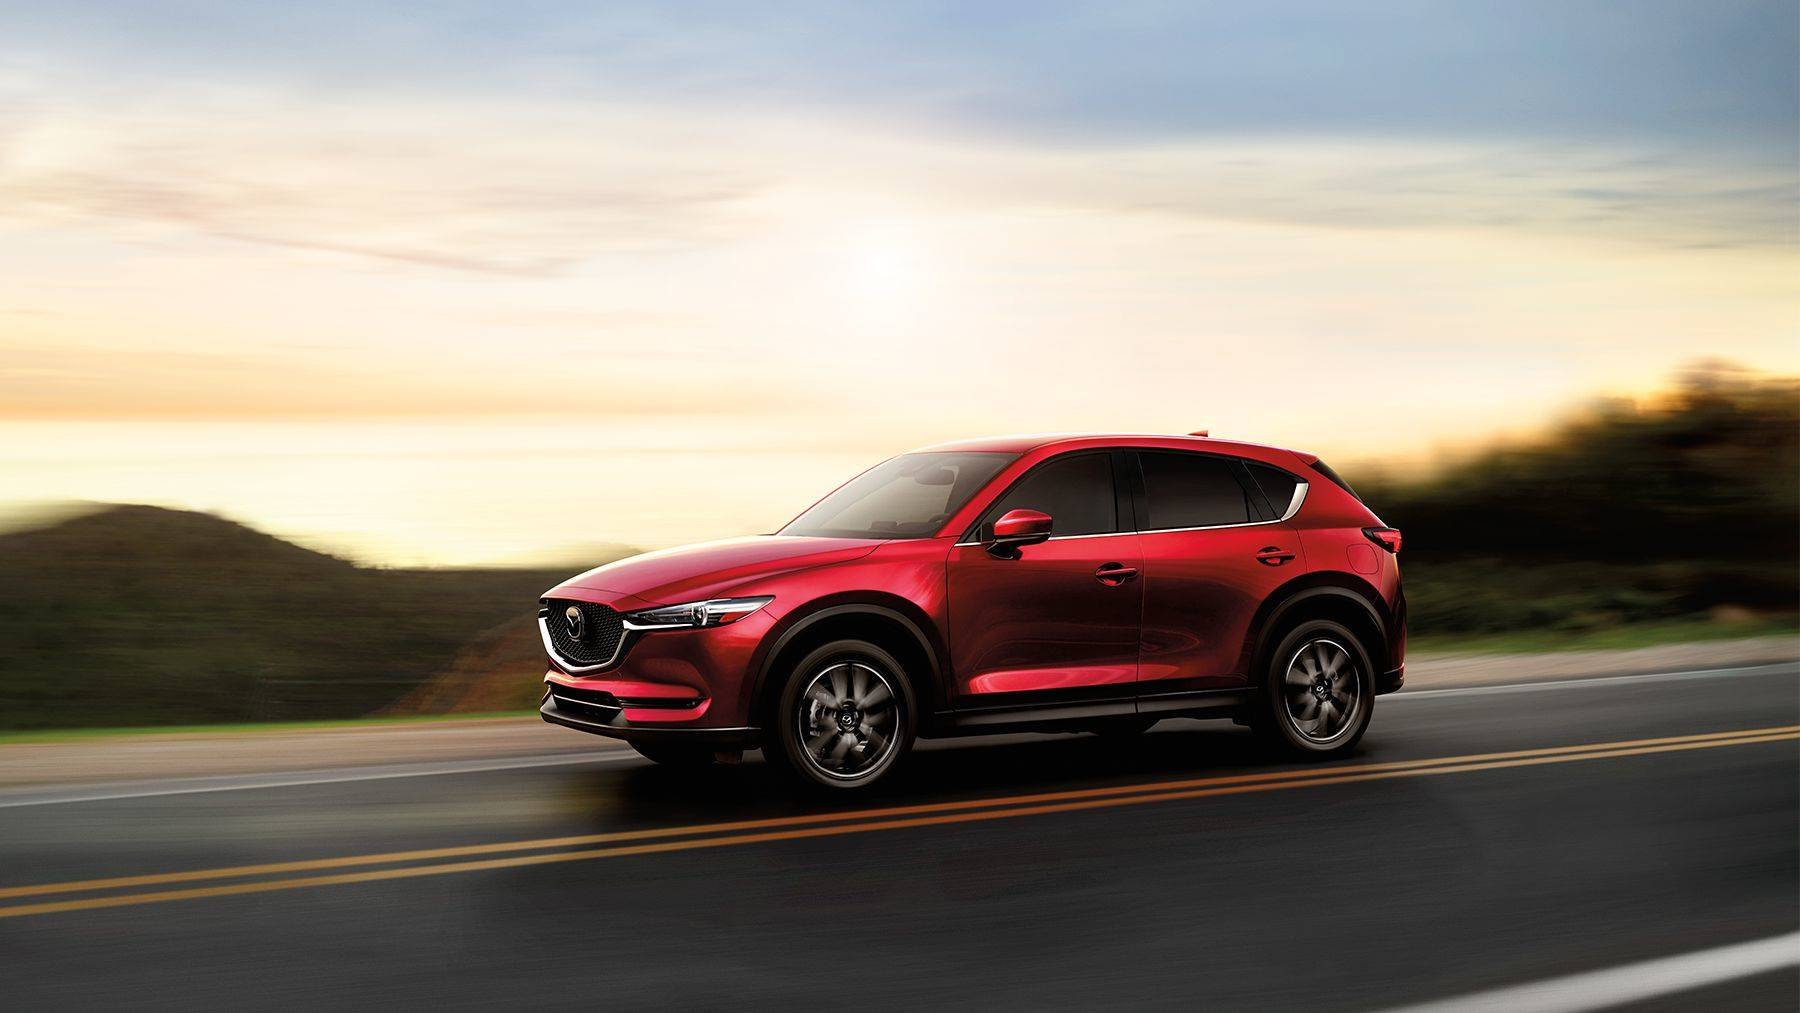 2018 Mazda CX-5 for Sale near Detroit, MI